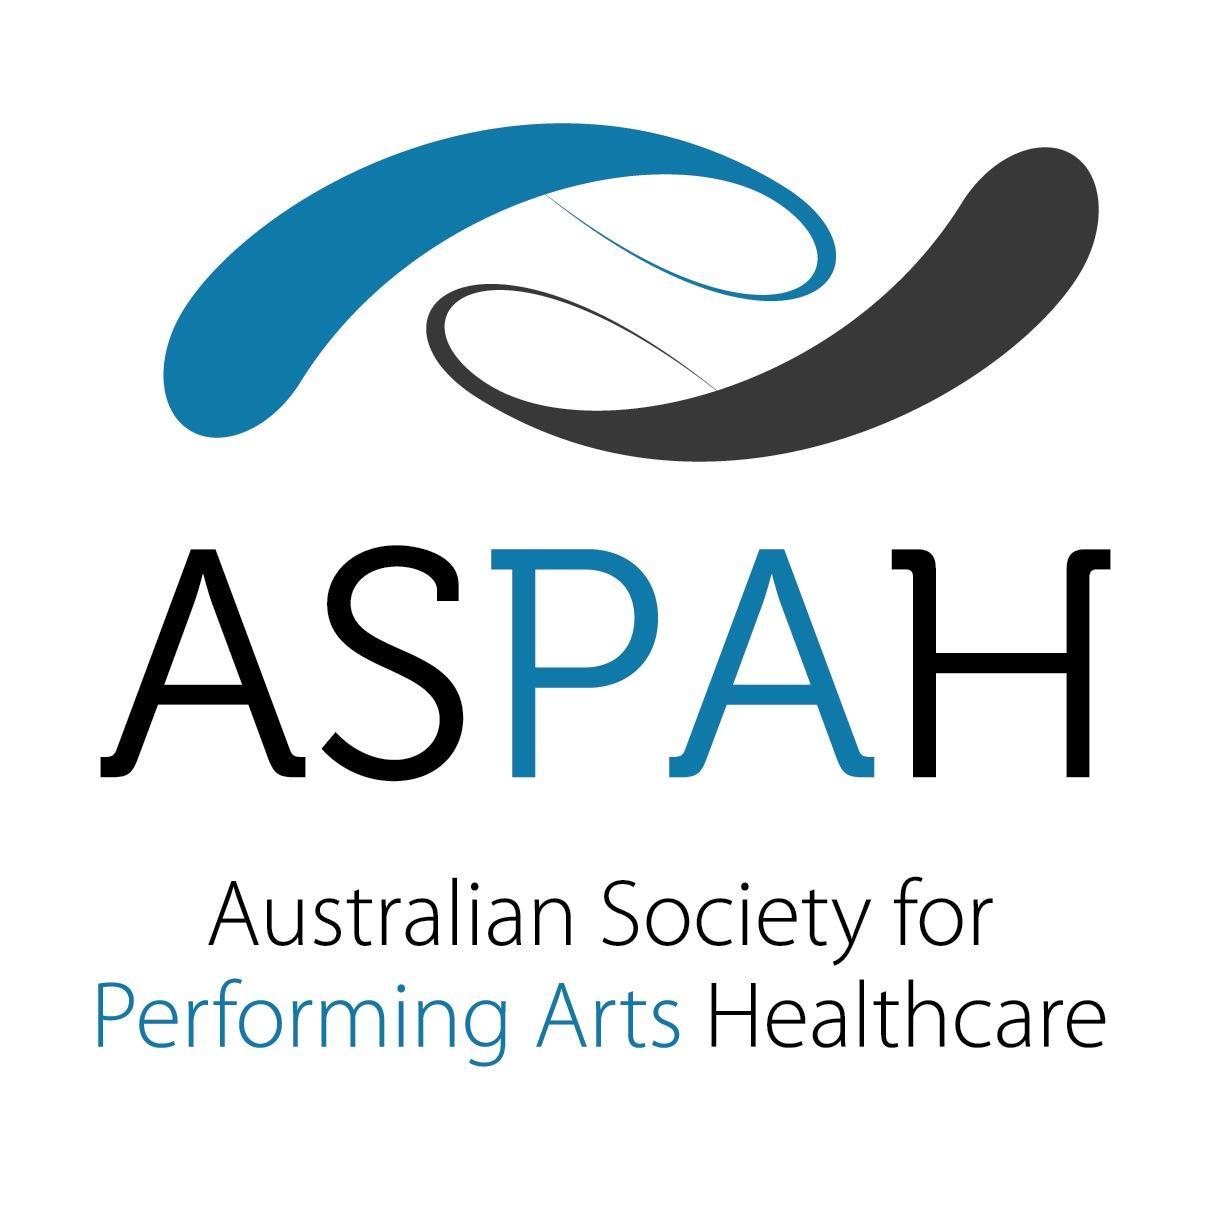 ASPAH logo.jpeg